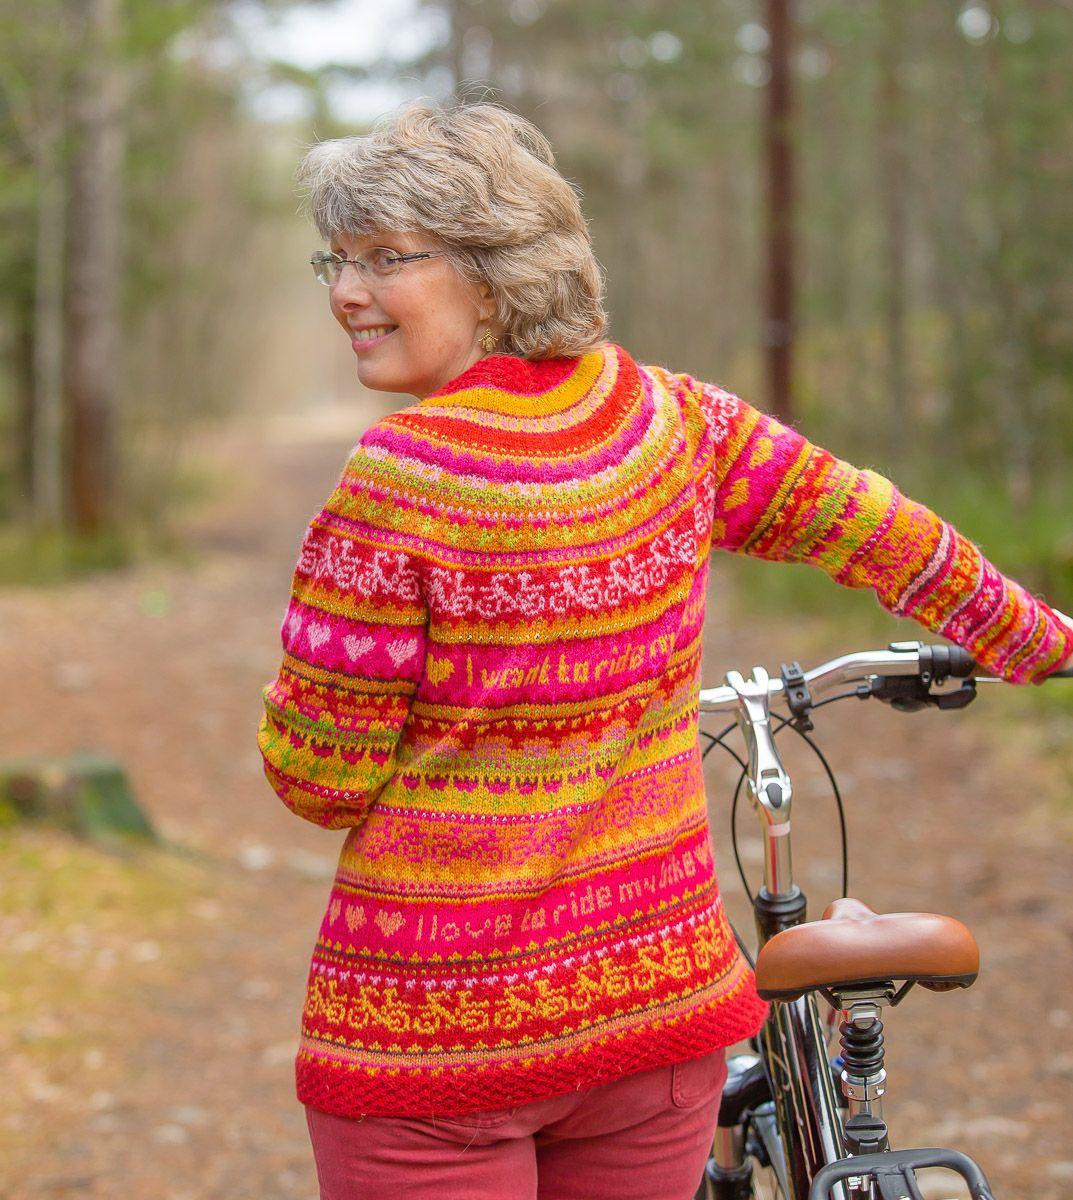 Hønsestrikk - chickenknitting: Glad jakke for fine sykkelturer